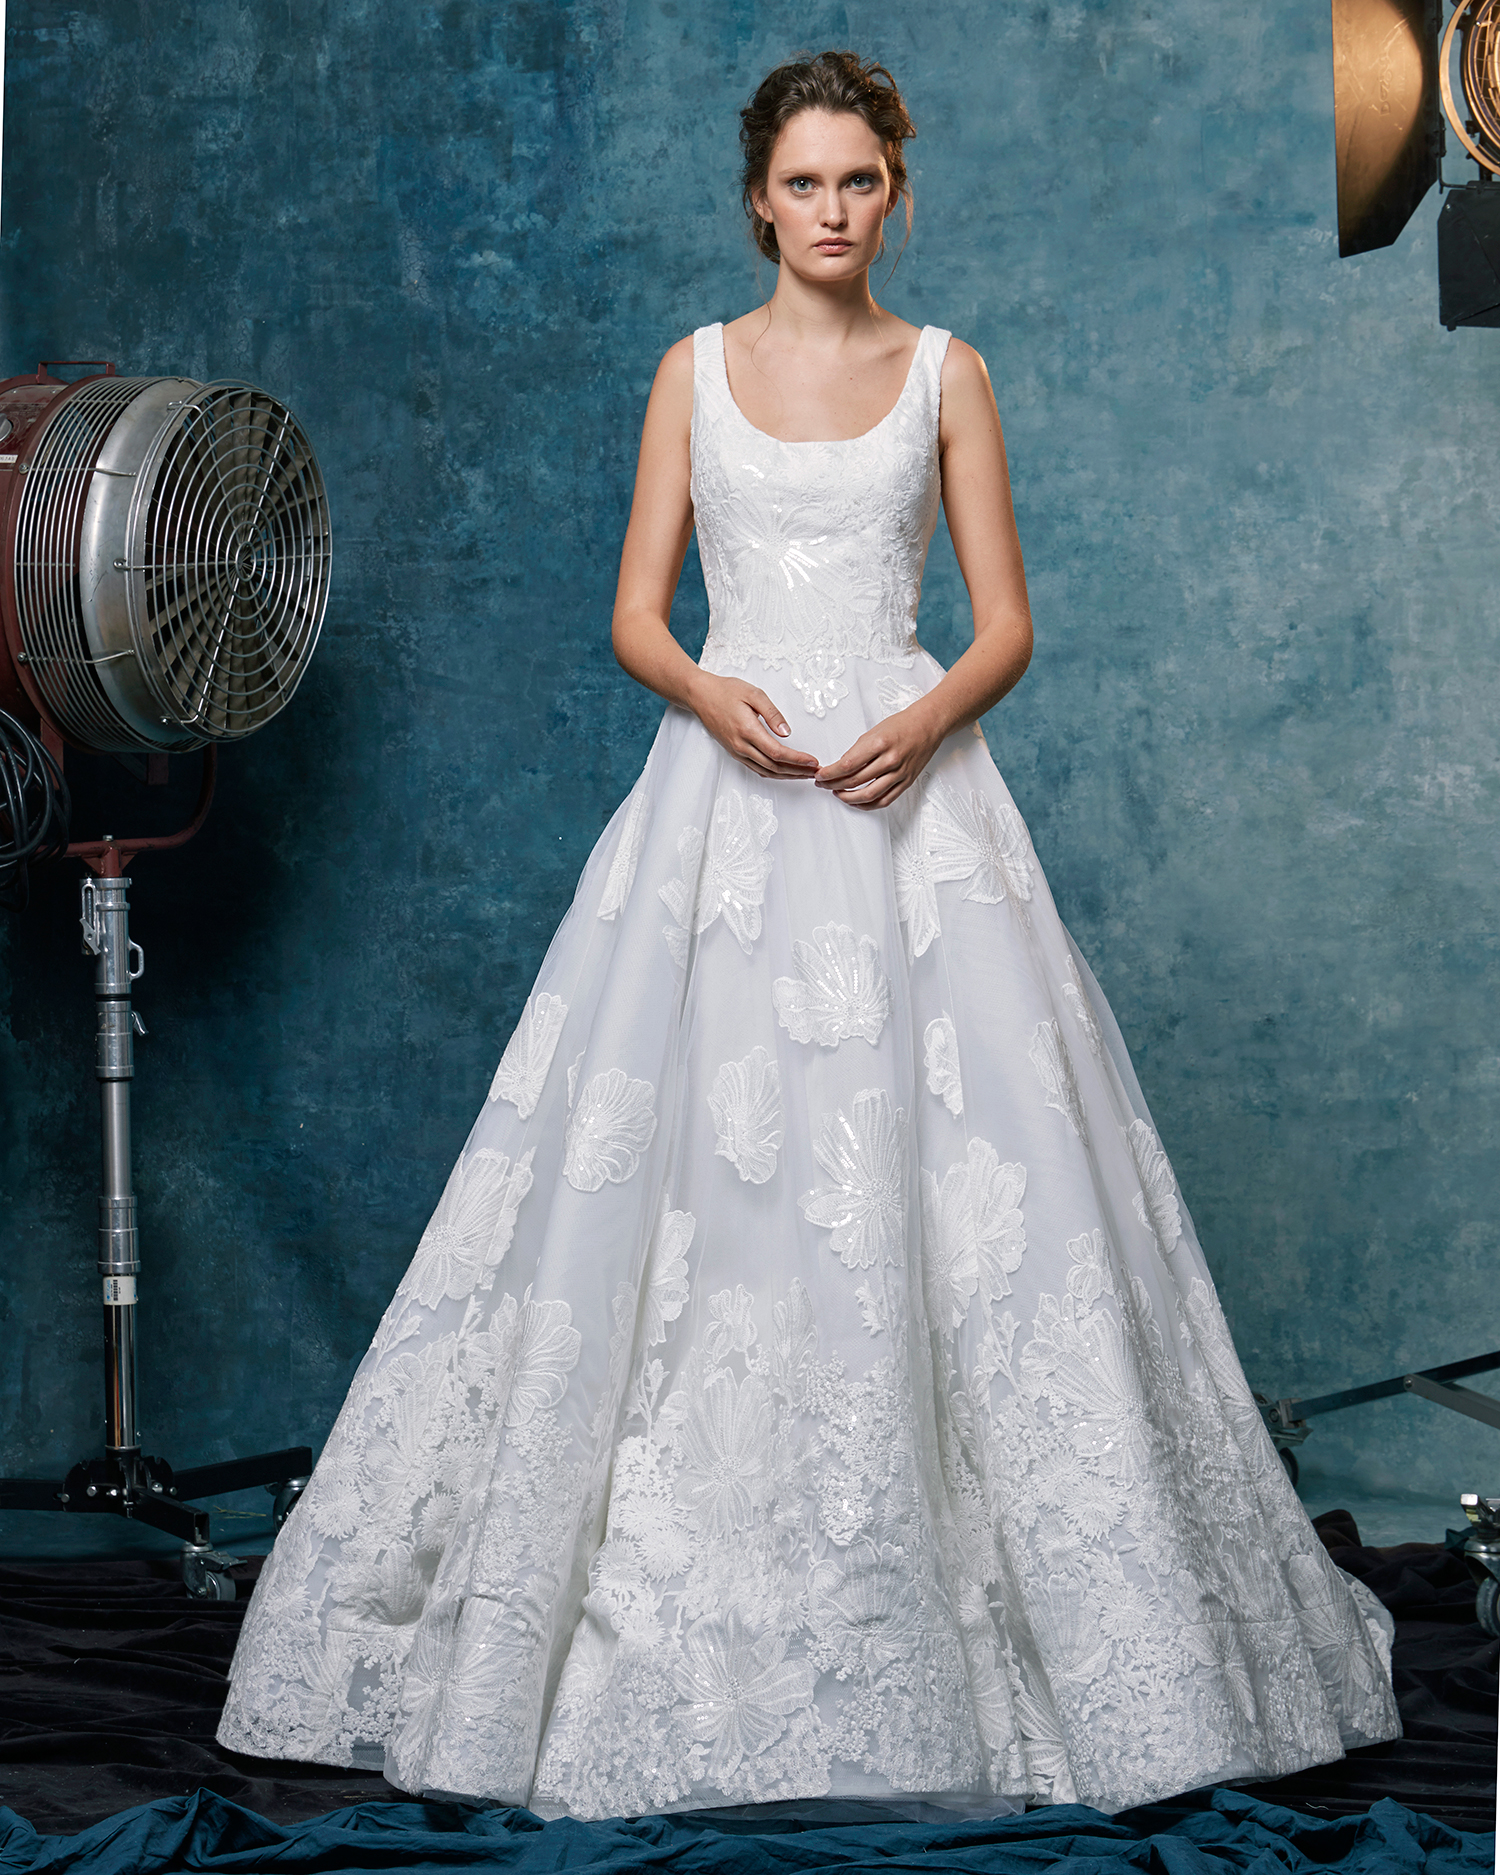 sareh nouri dress fall 2019 scoop neck appliqued a-line